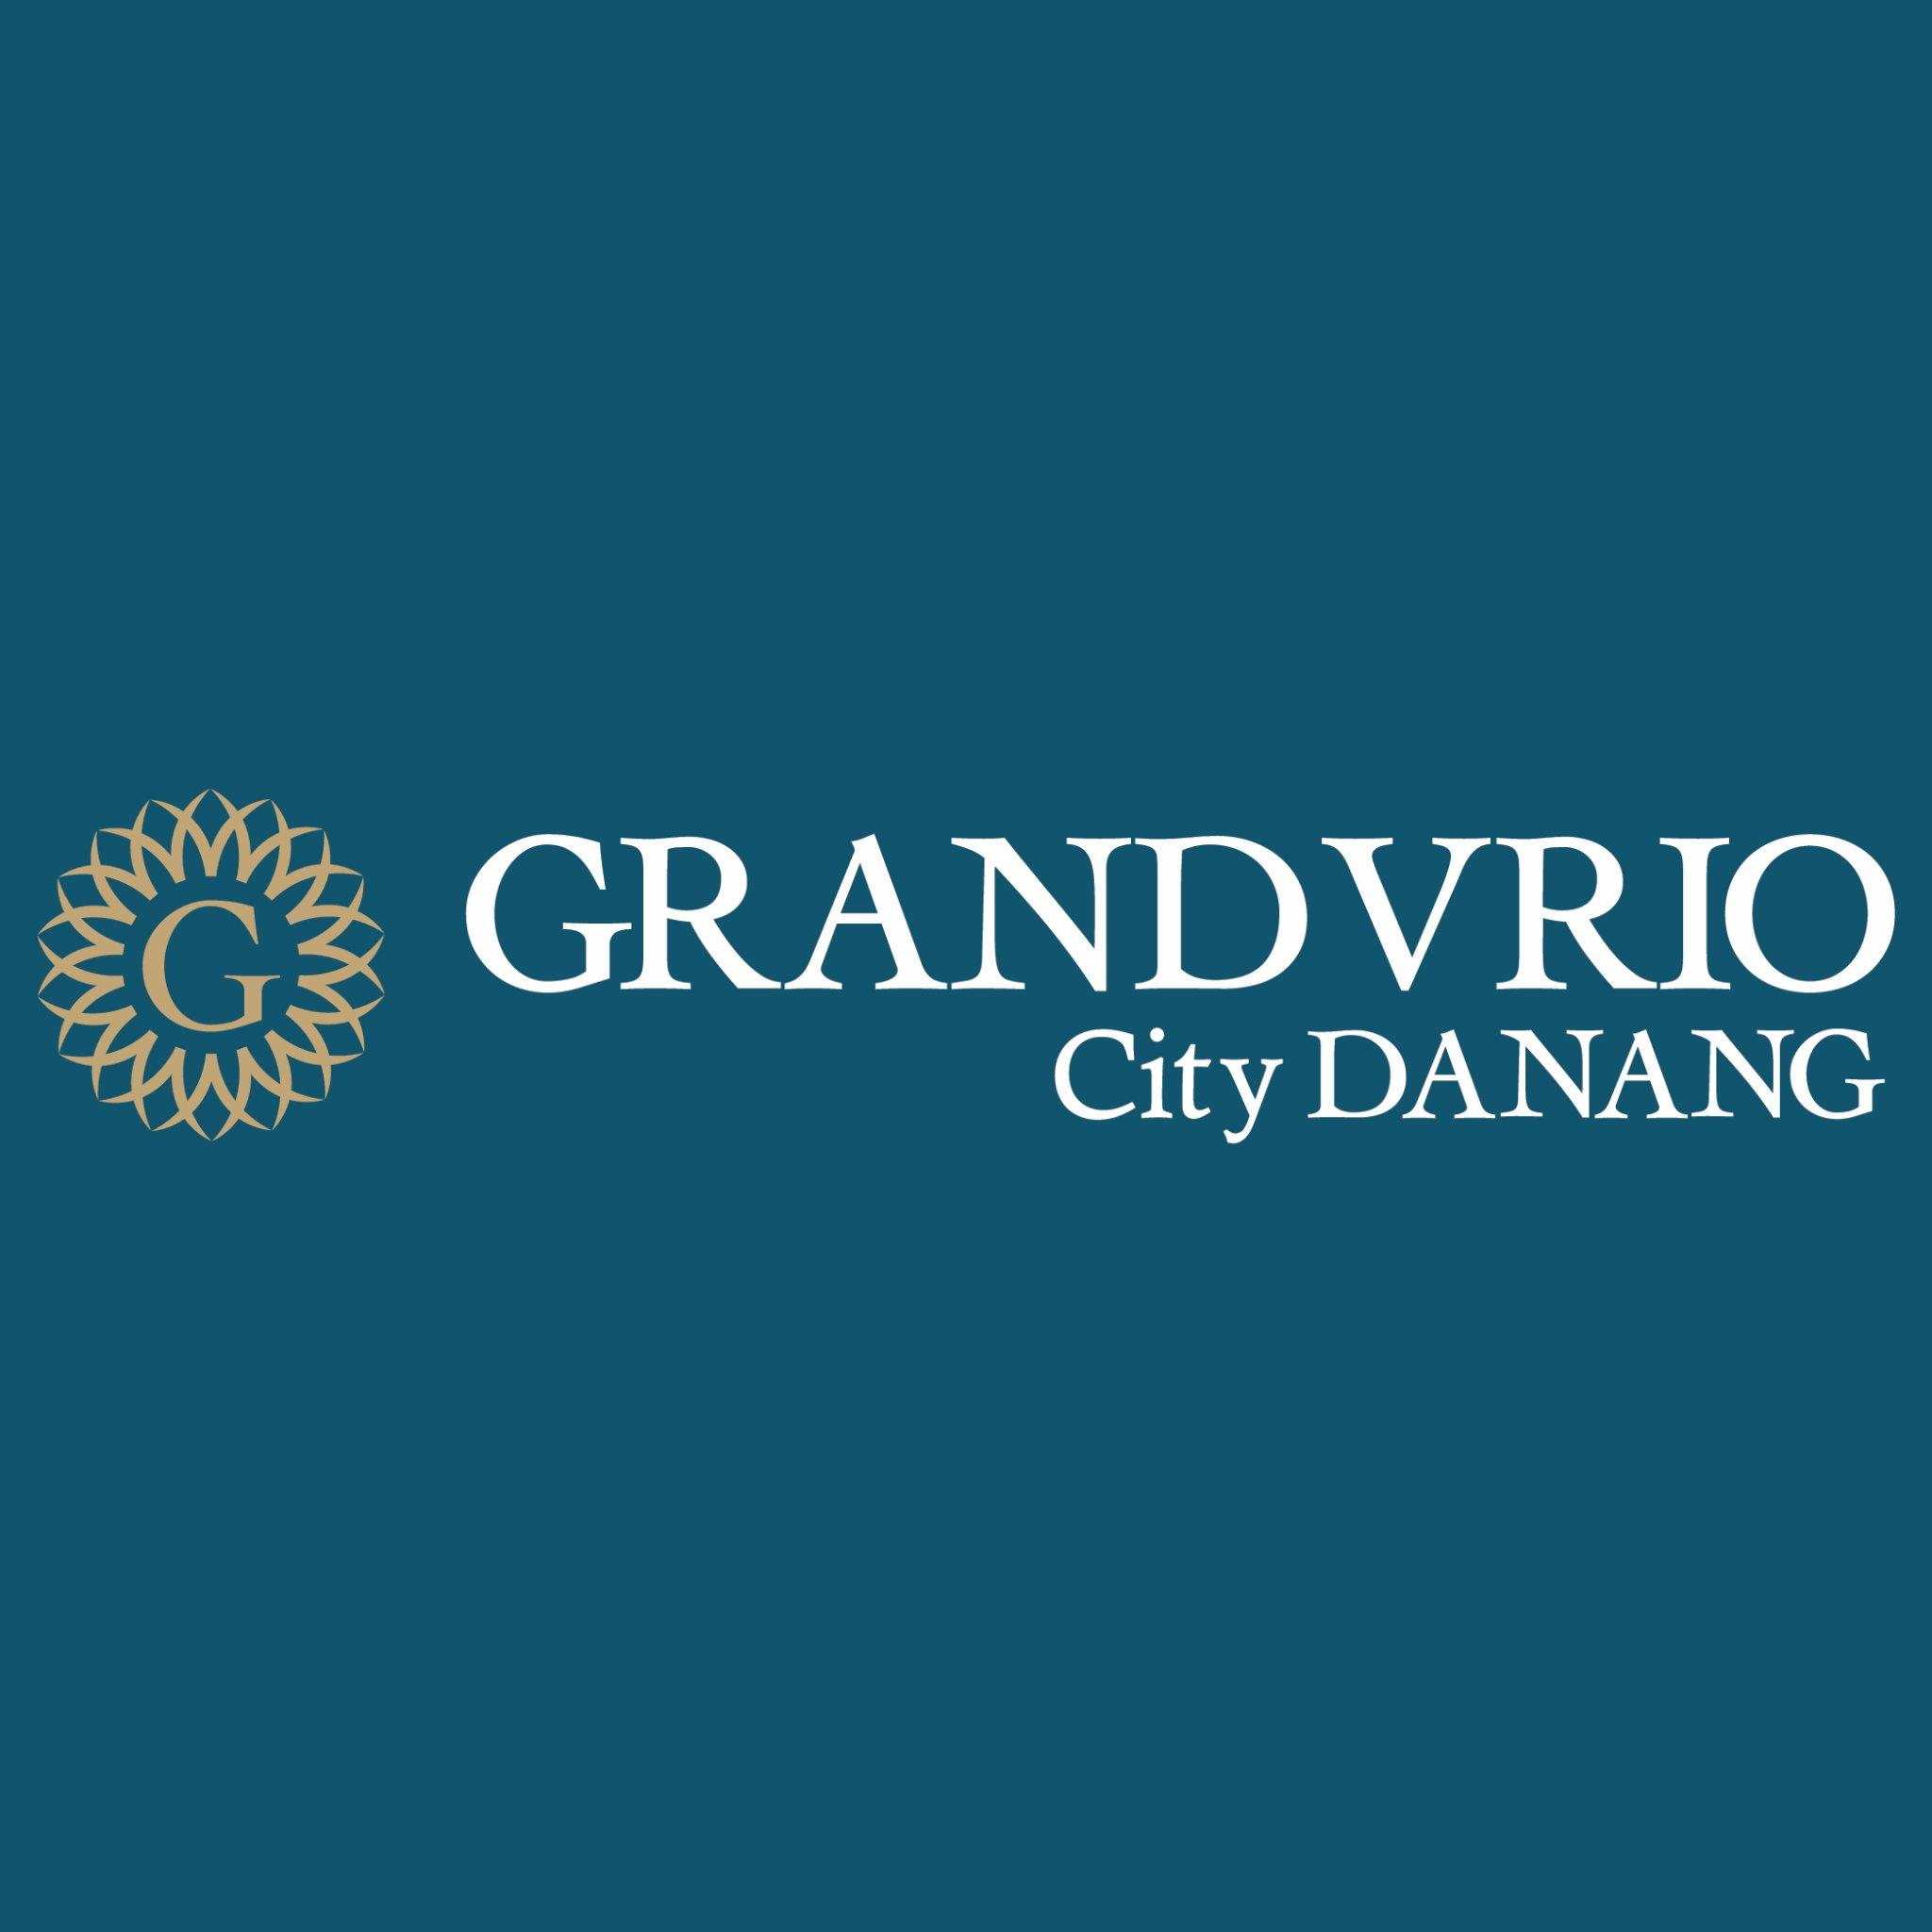 grandvrio - Ryan Duy Hùng